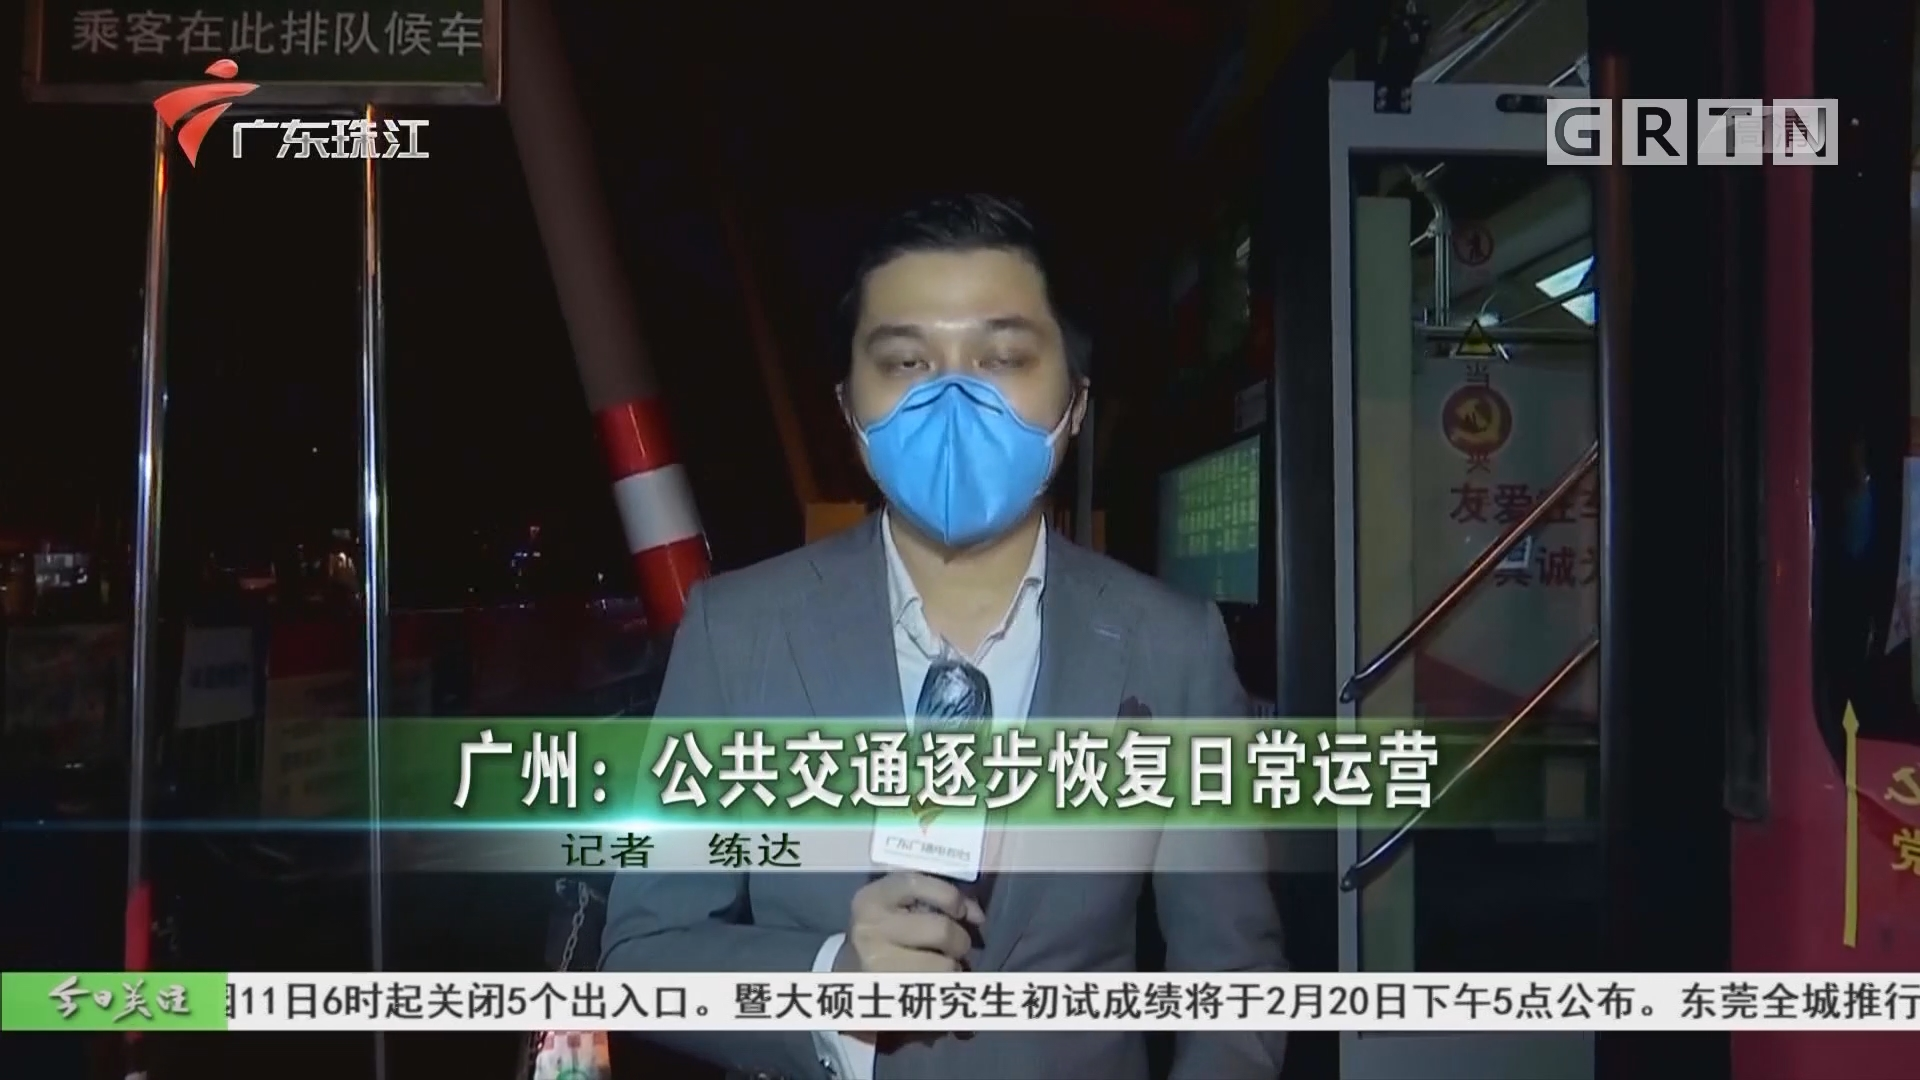 广州:公共交通逐步恢复日常运营